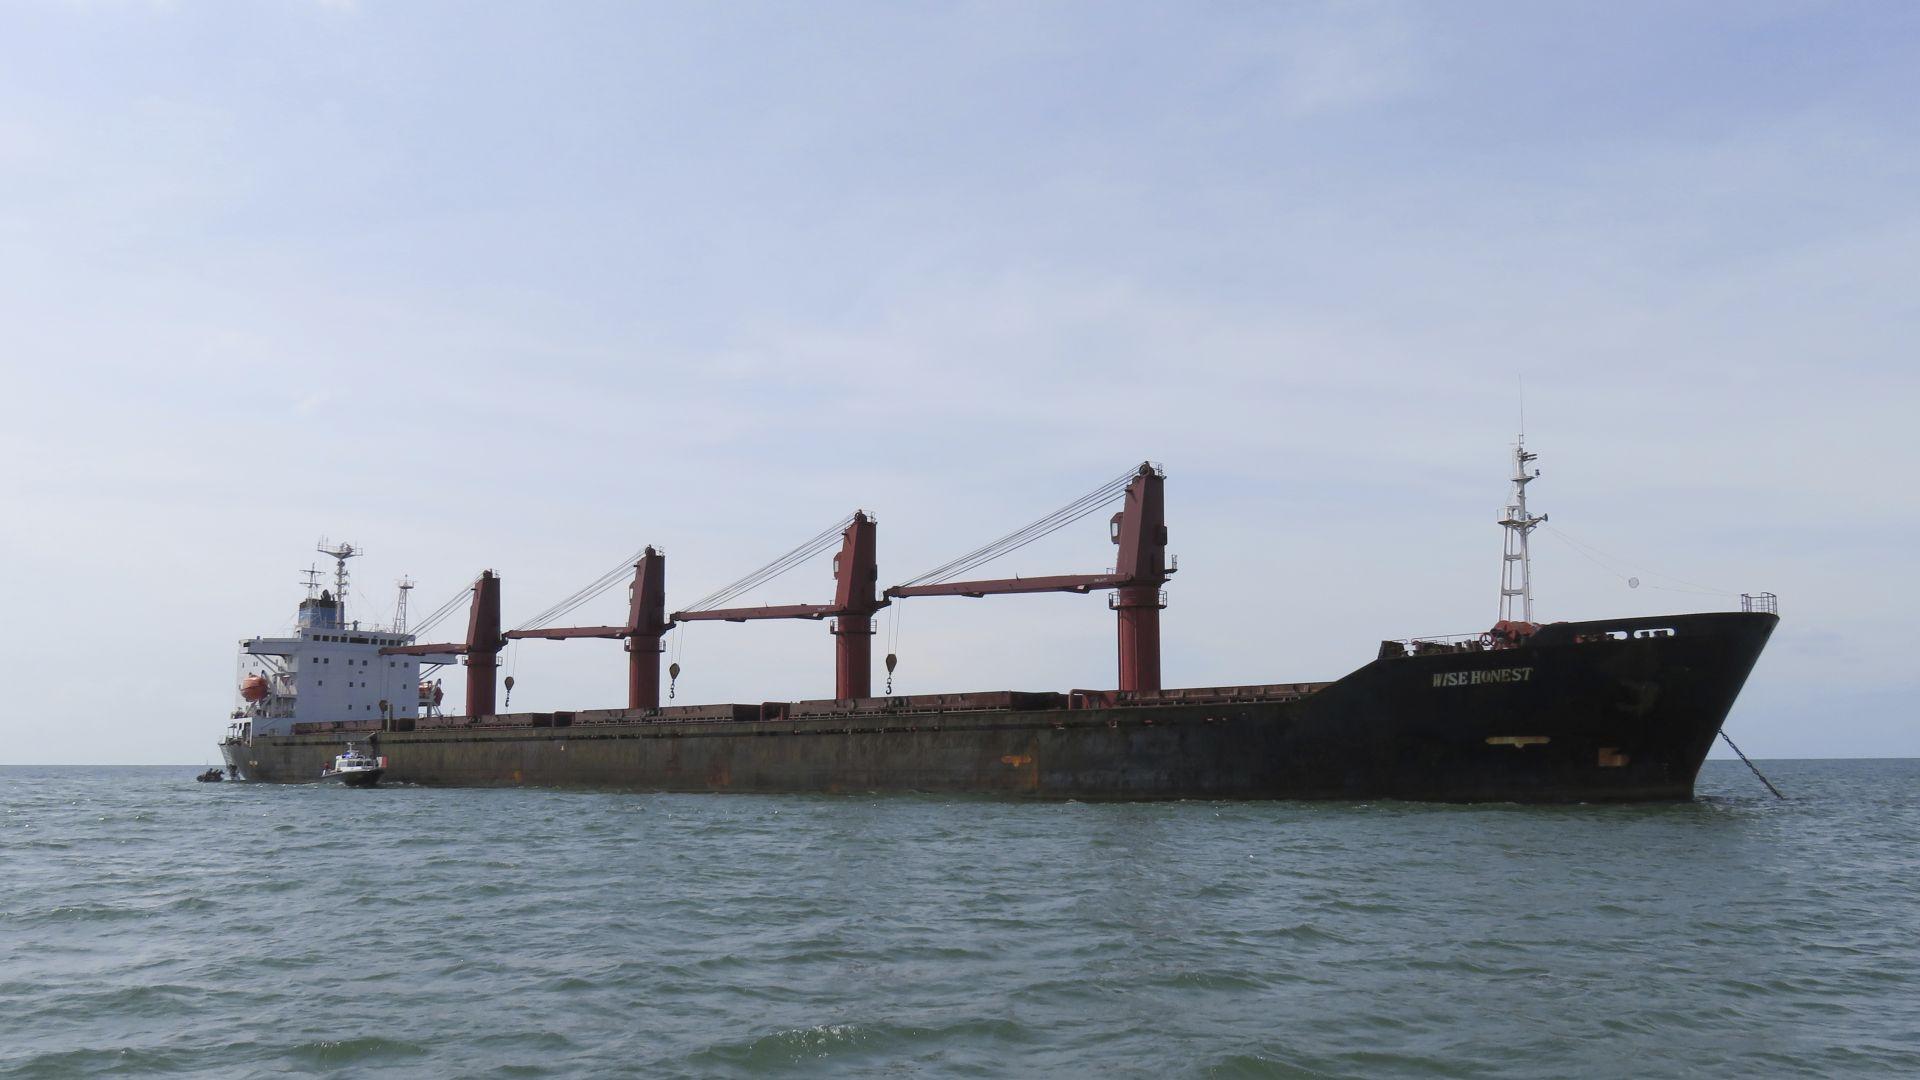 САЩ задържаха севернокорейски кораб, превозващ въглища